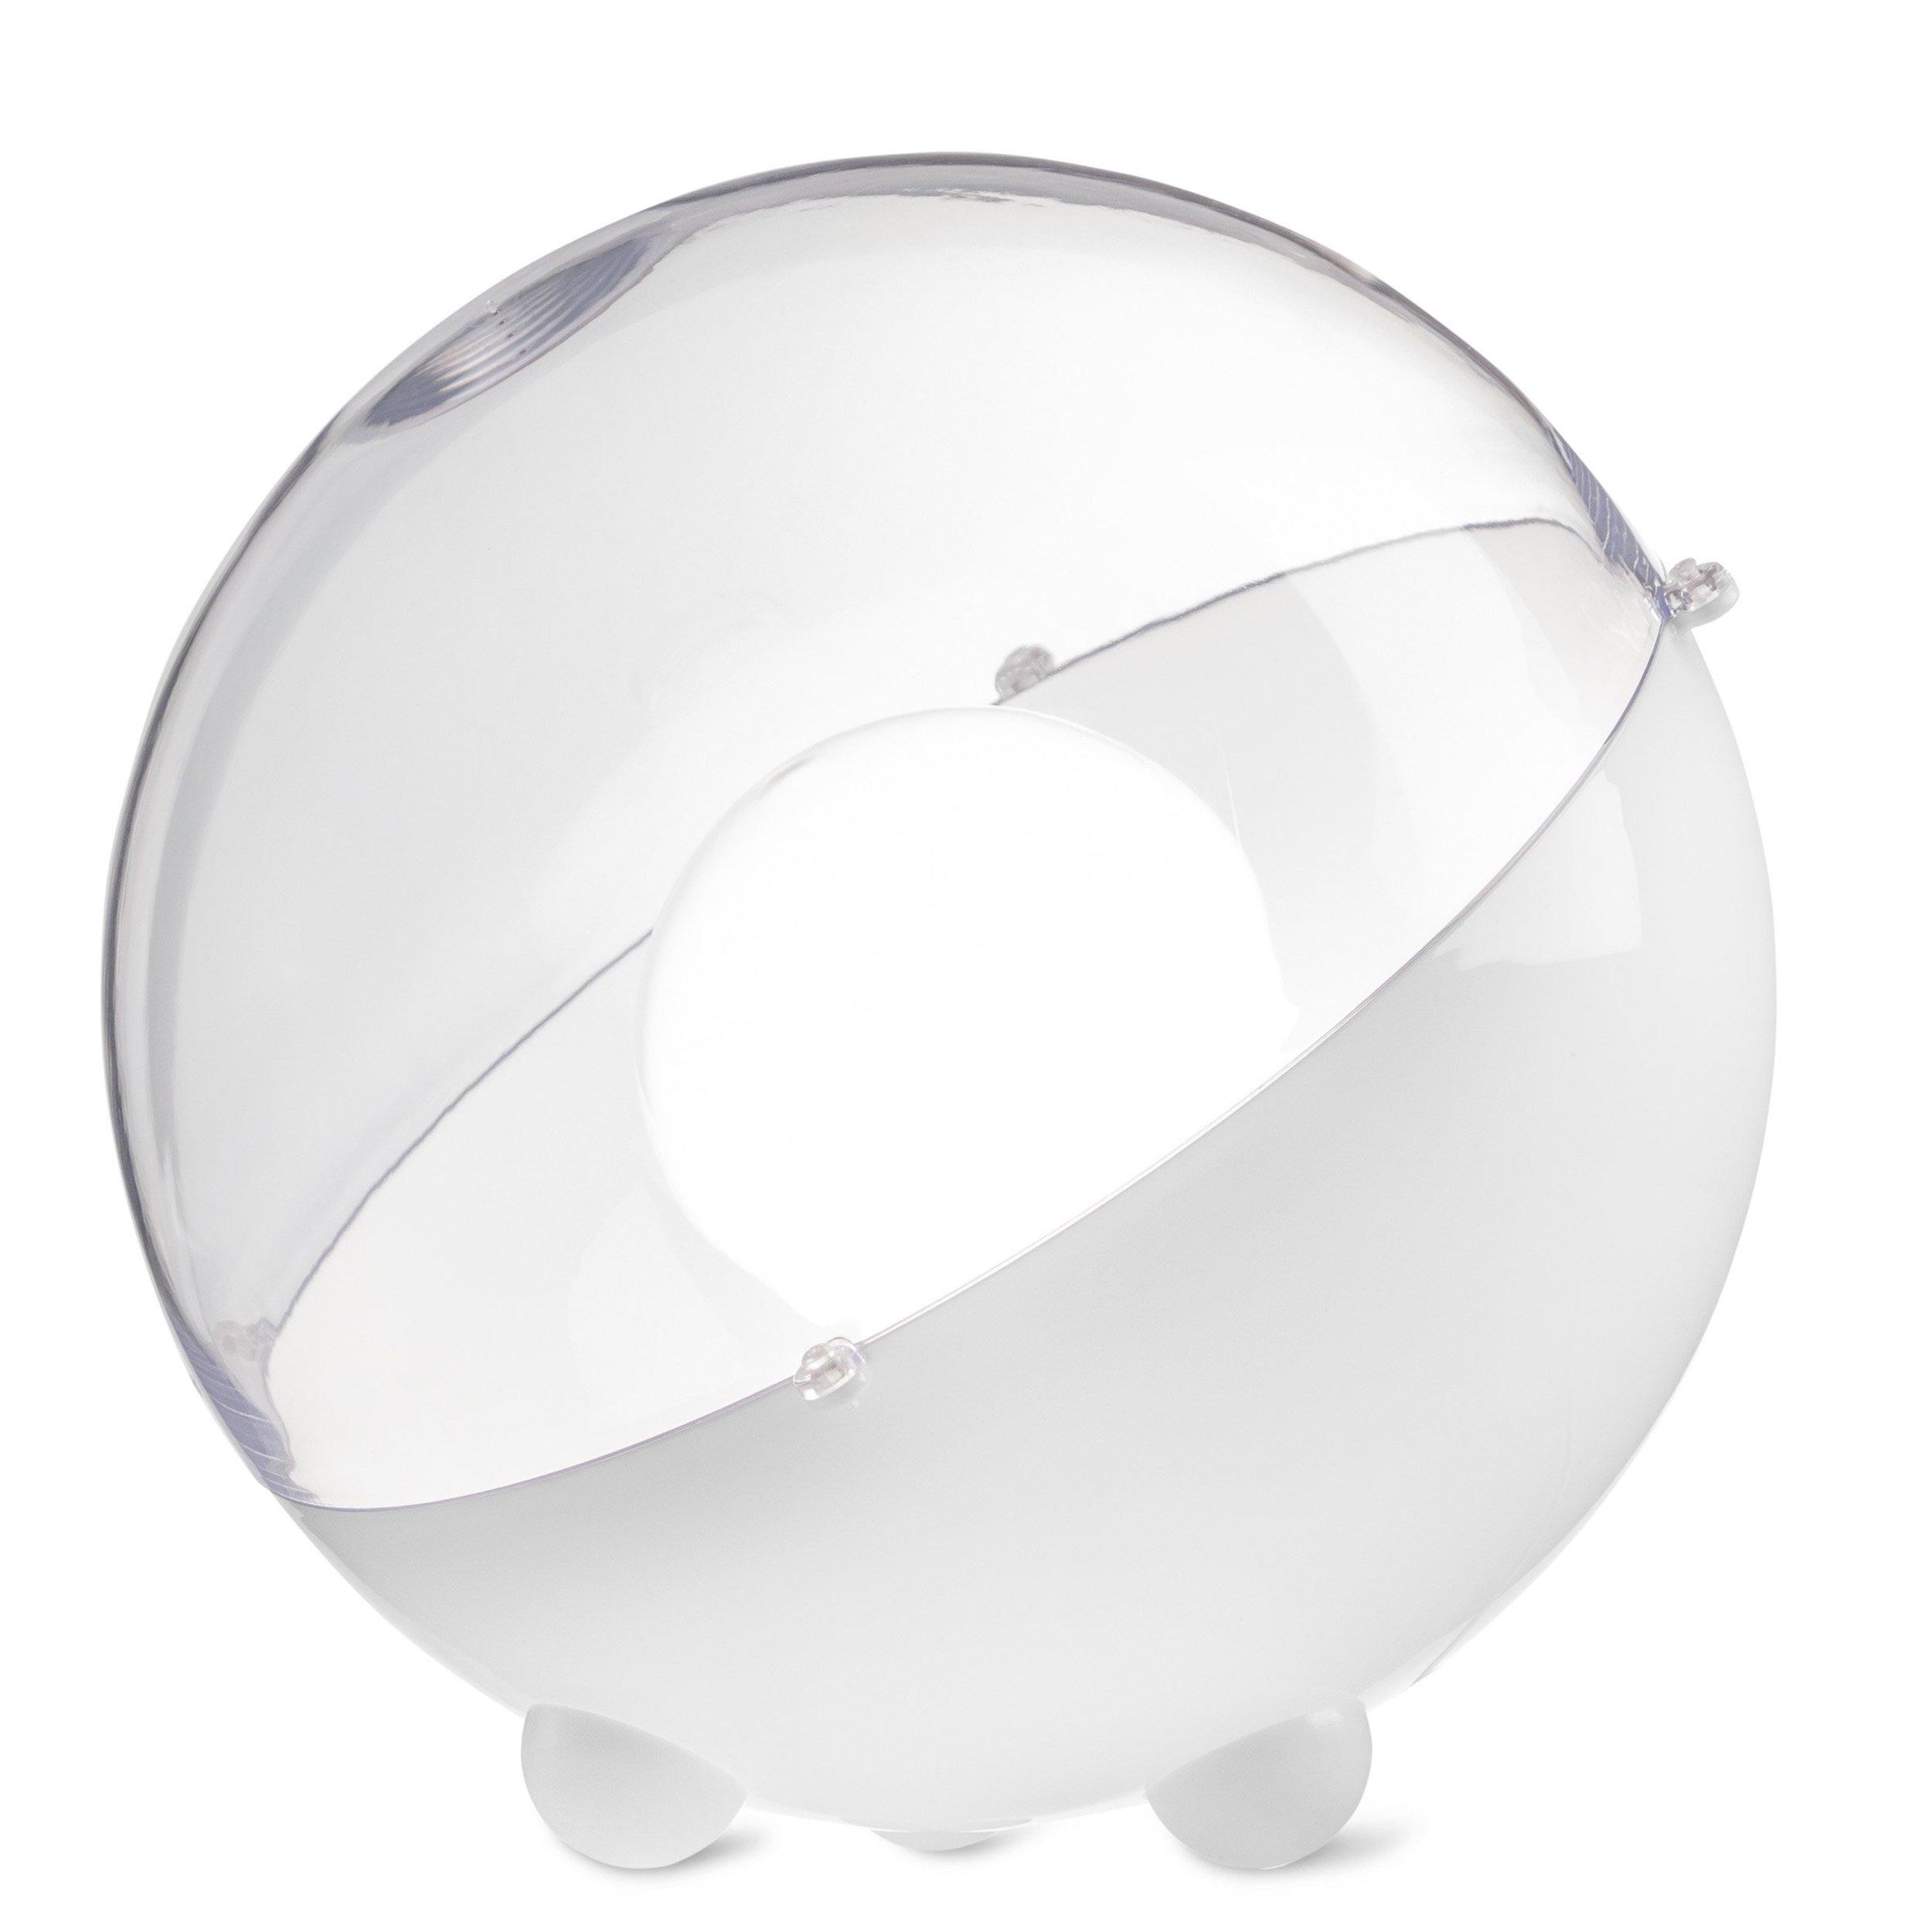 Lampa podłogowa Orion biała z transparentną pokrywą